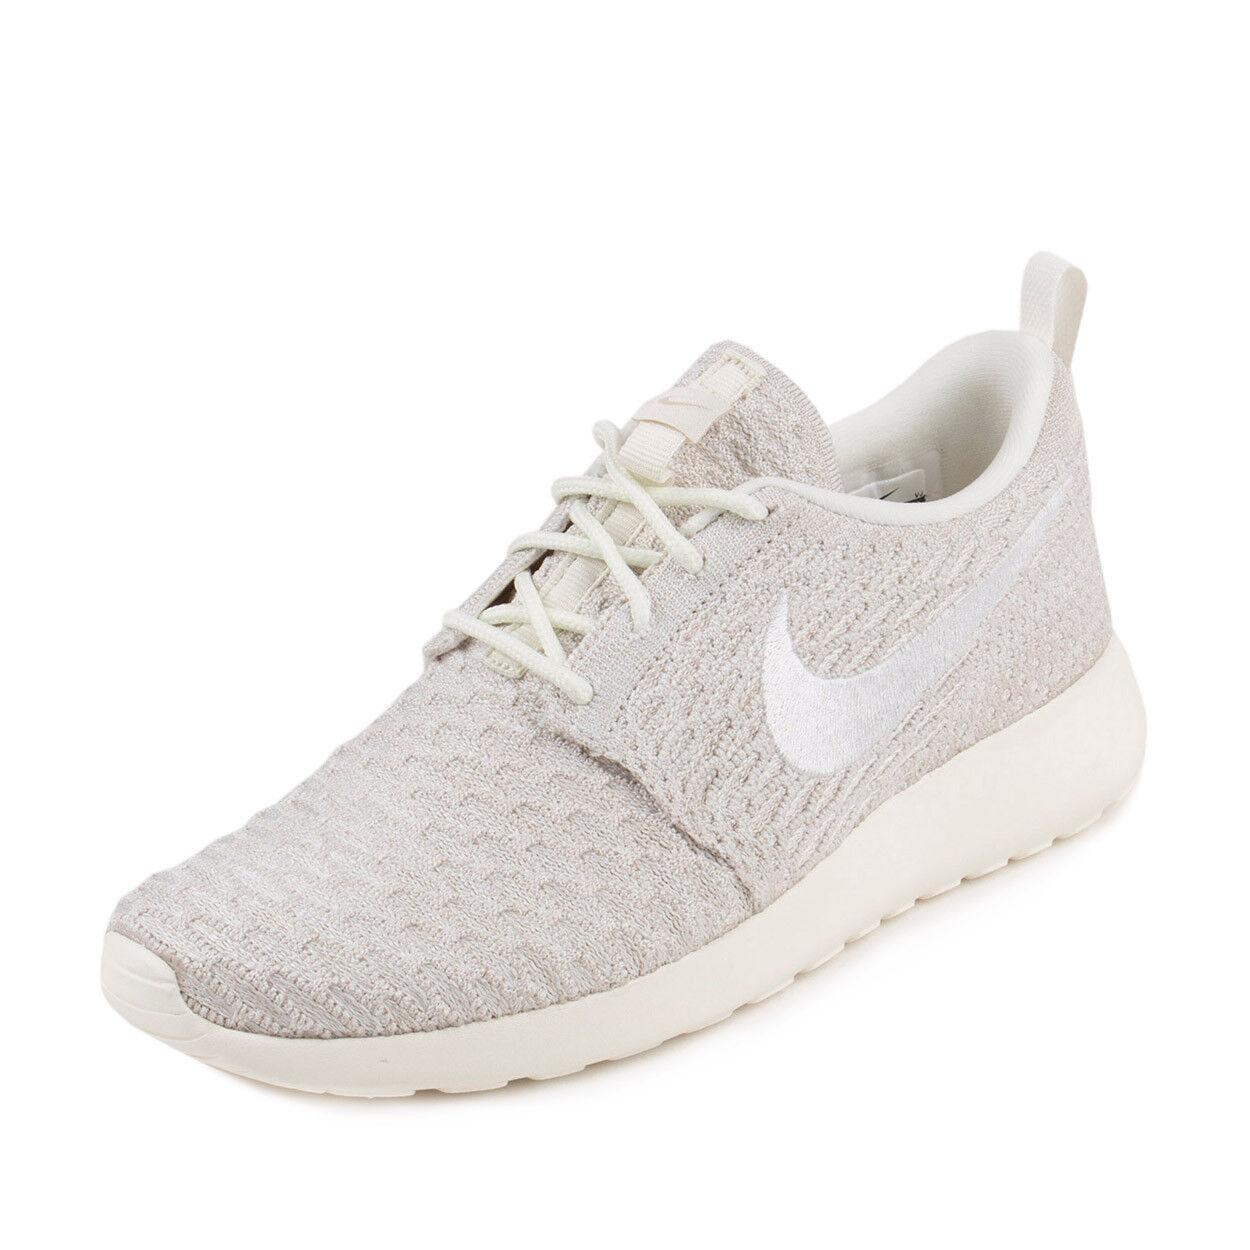 nike roshe eine flyknit größe 12 frauen 100) - sneakers, schuhe (704927 100) frauen 4ecb55